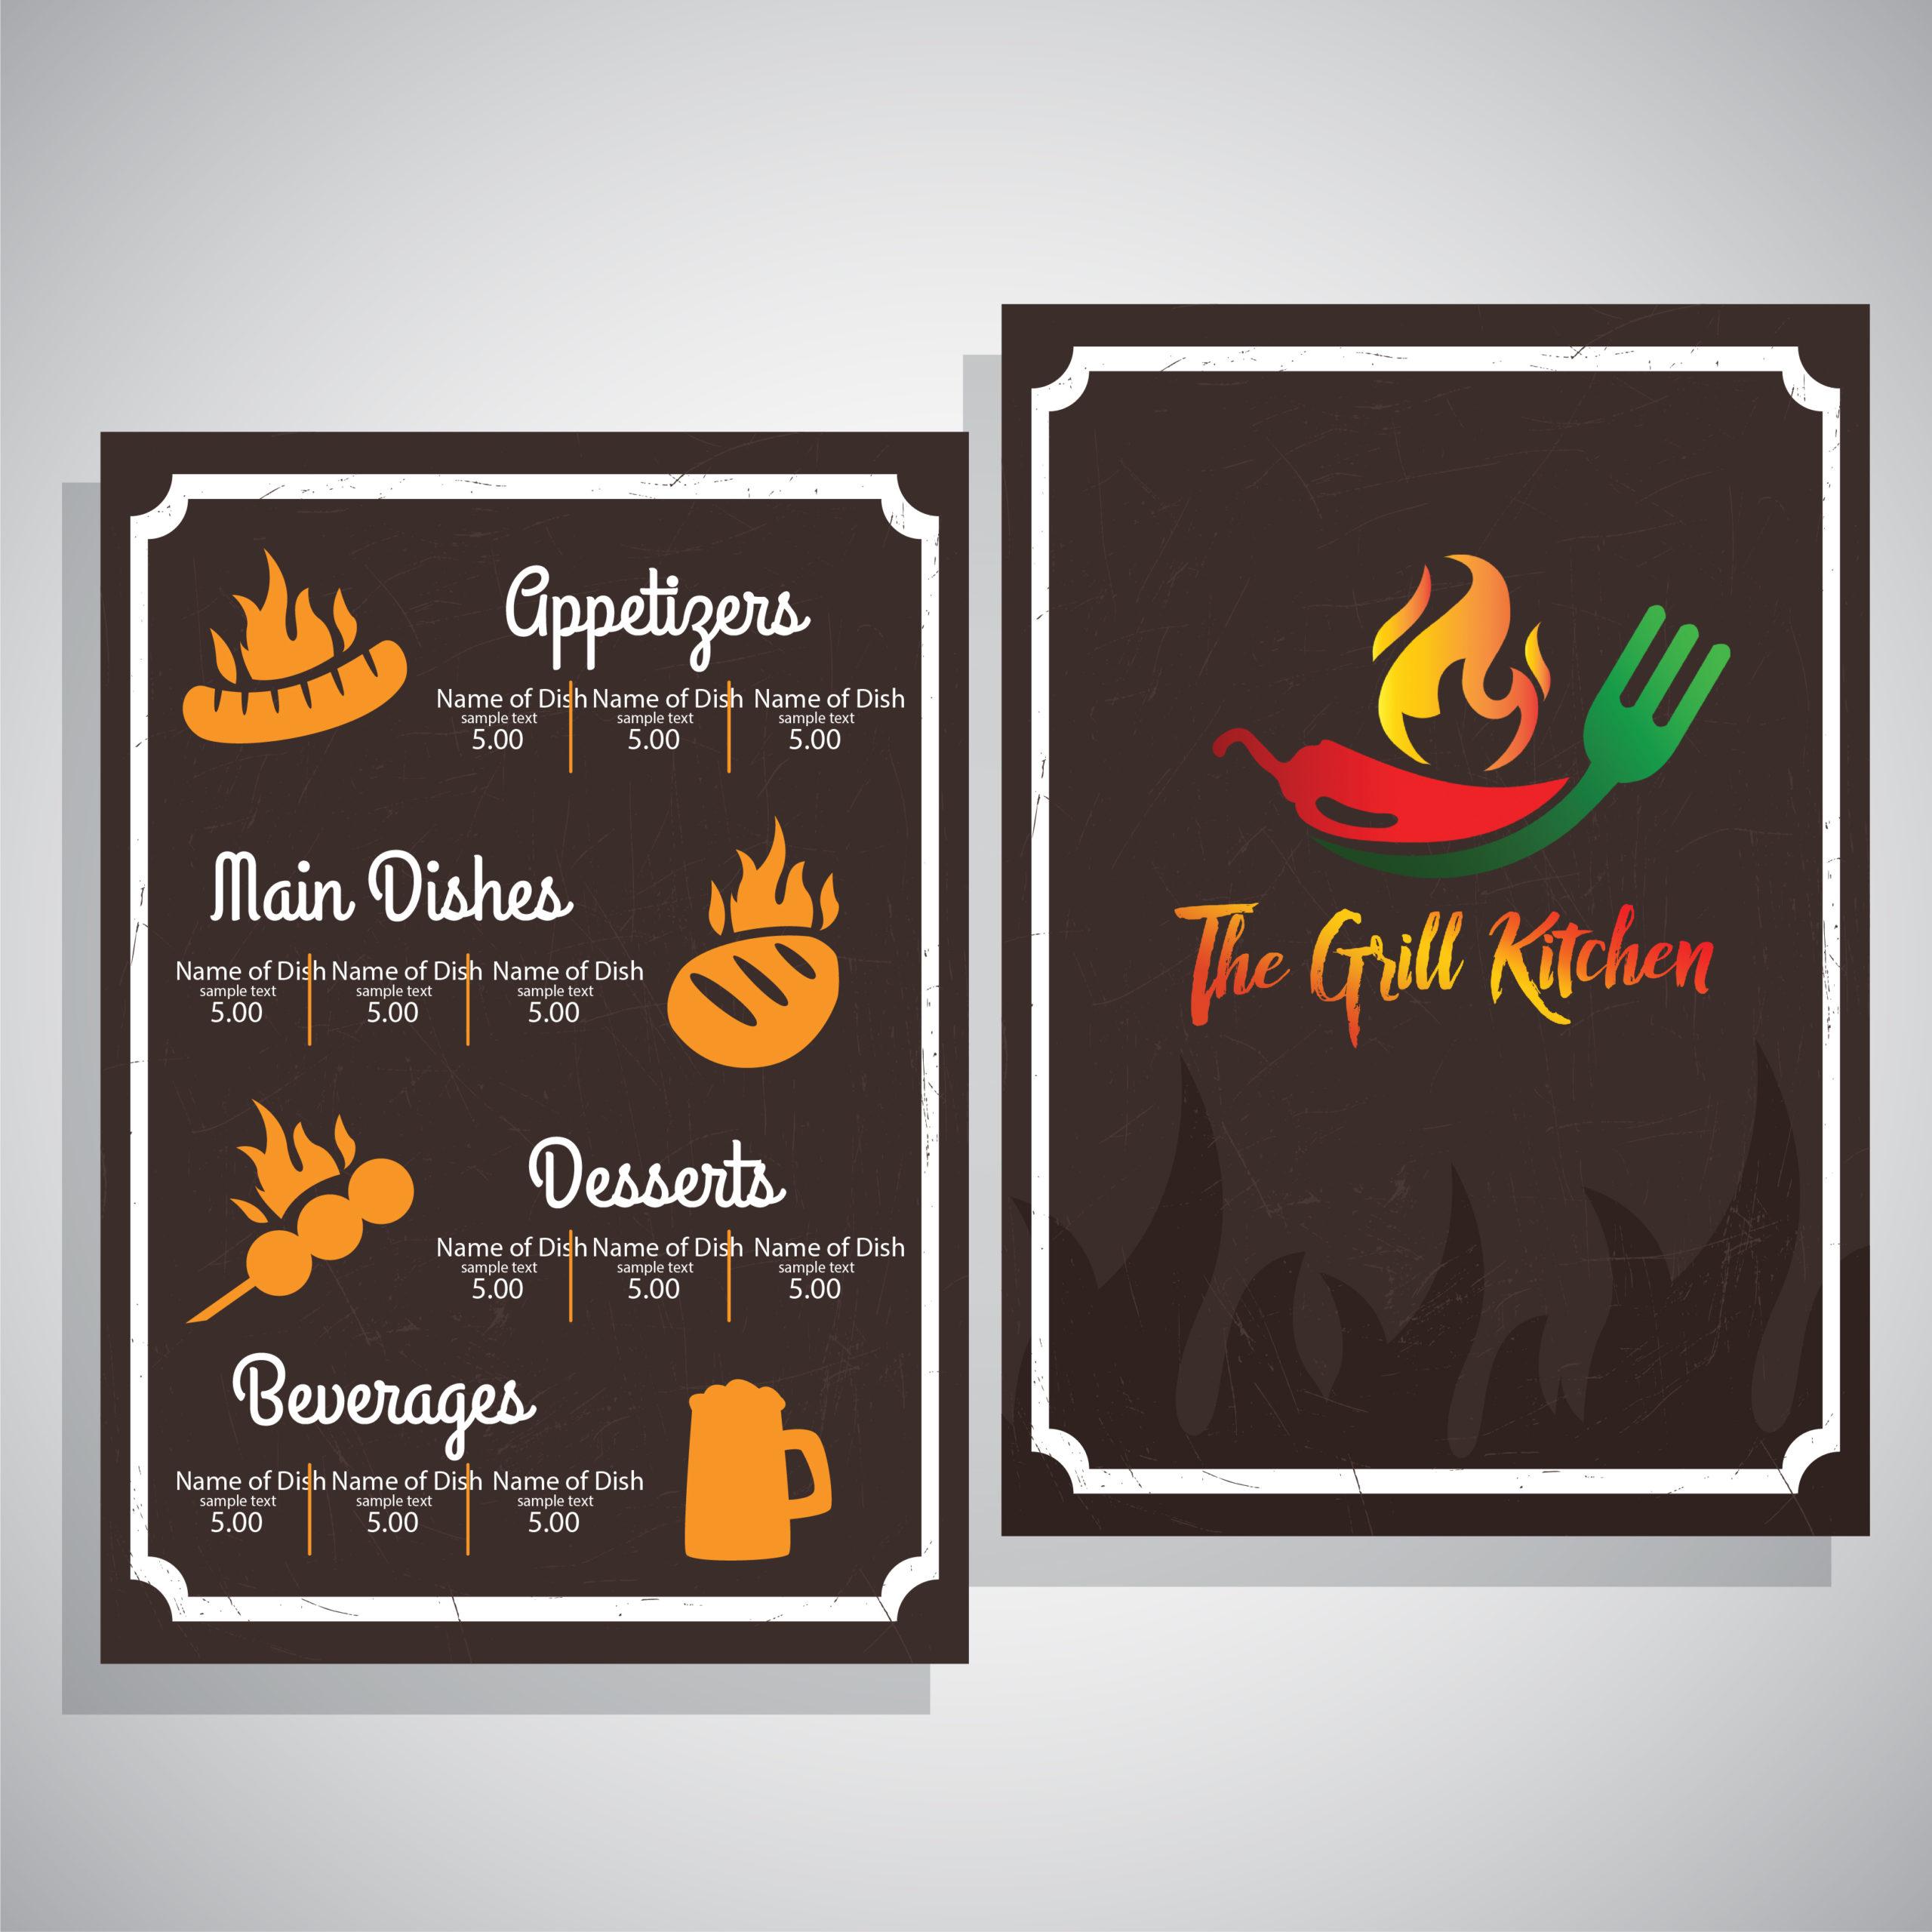 The grill kitchen restaurant menu card design by Badri Design